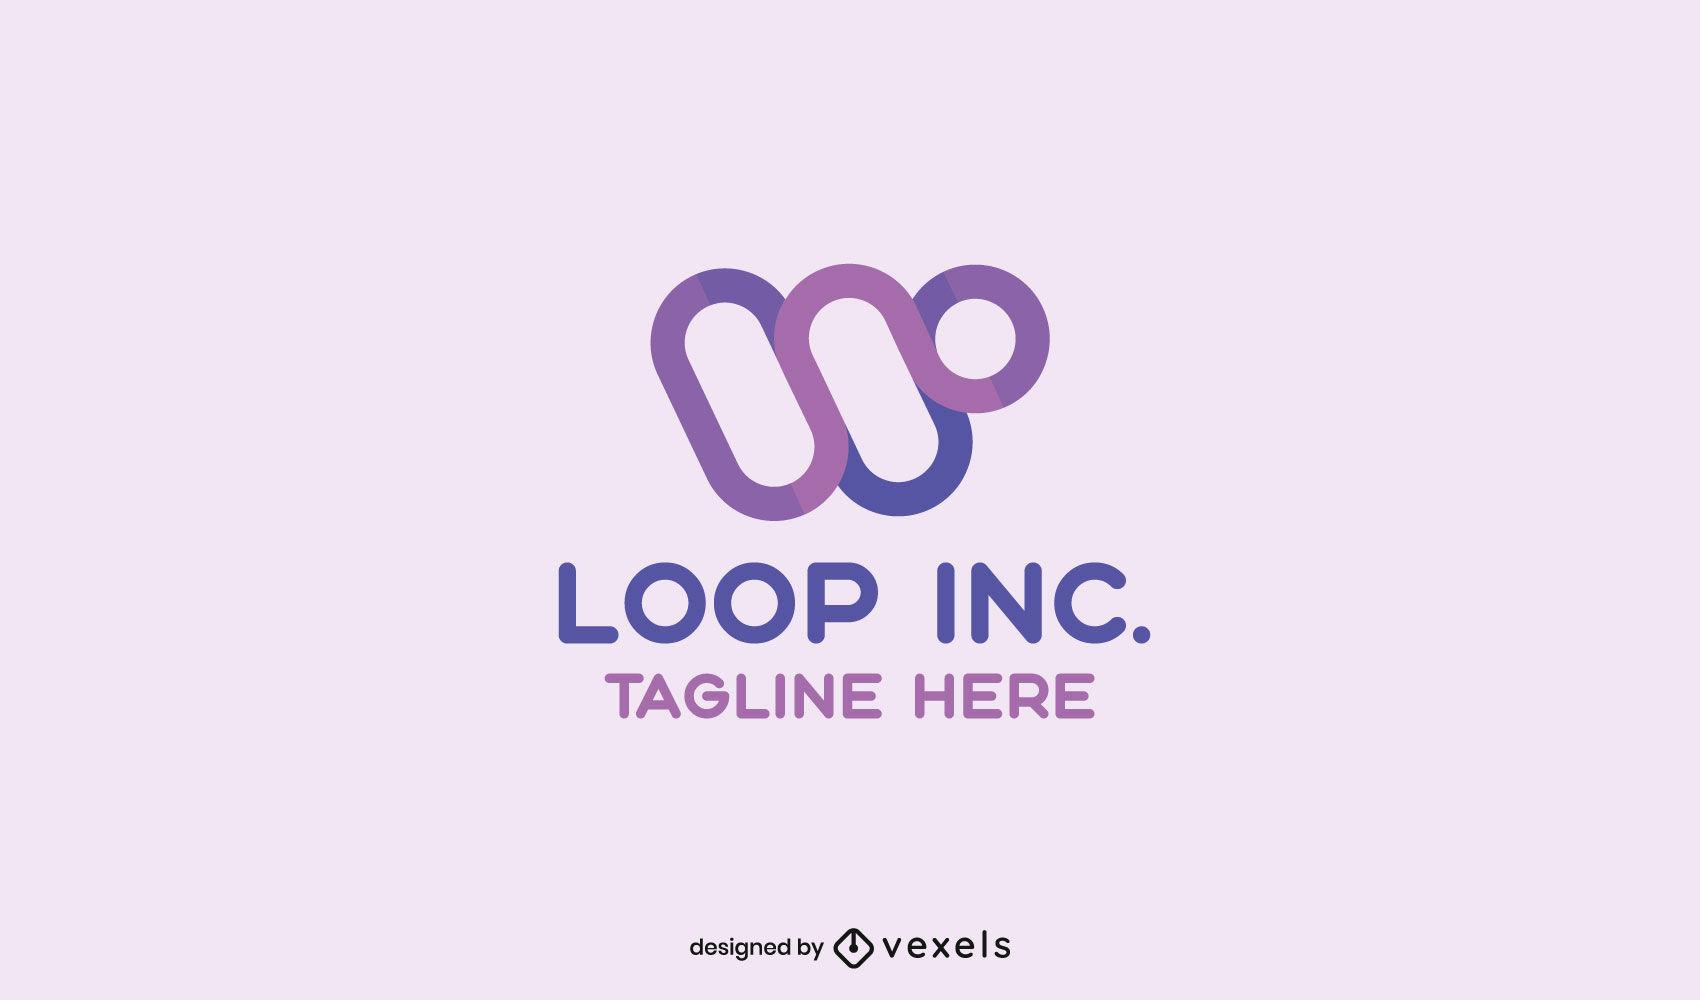 Plantilla de logotipo de trazo de formas circulares genéricas